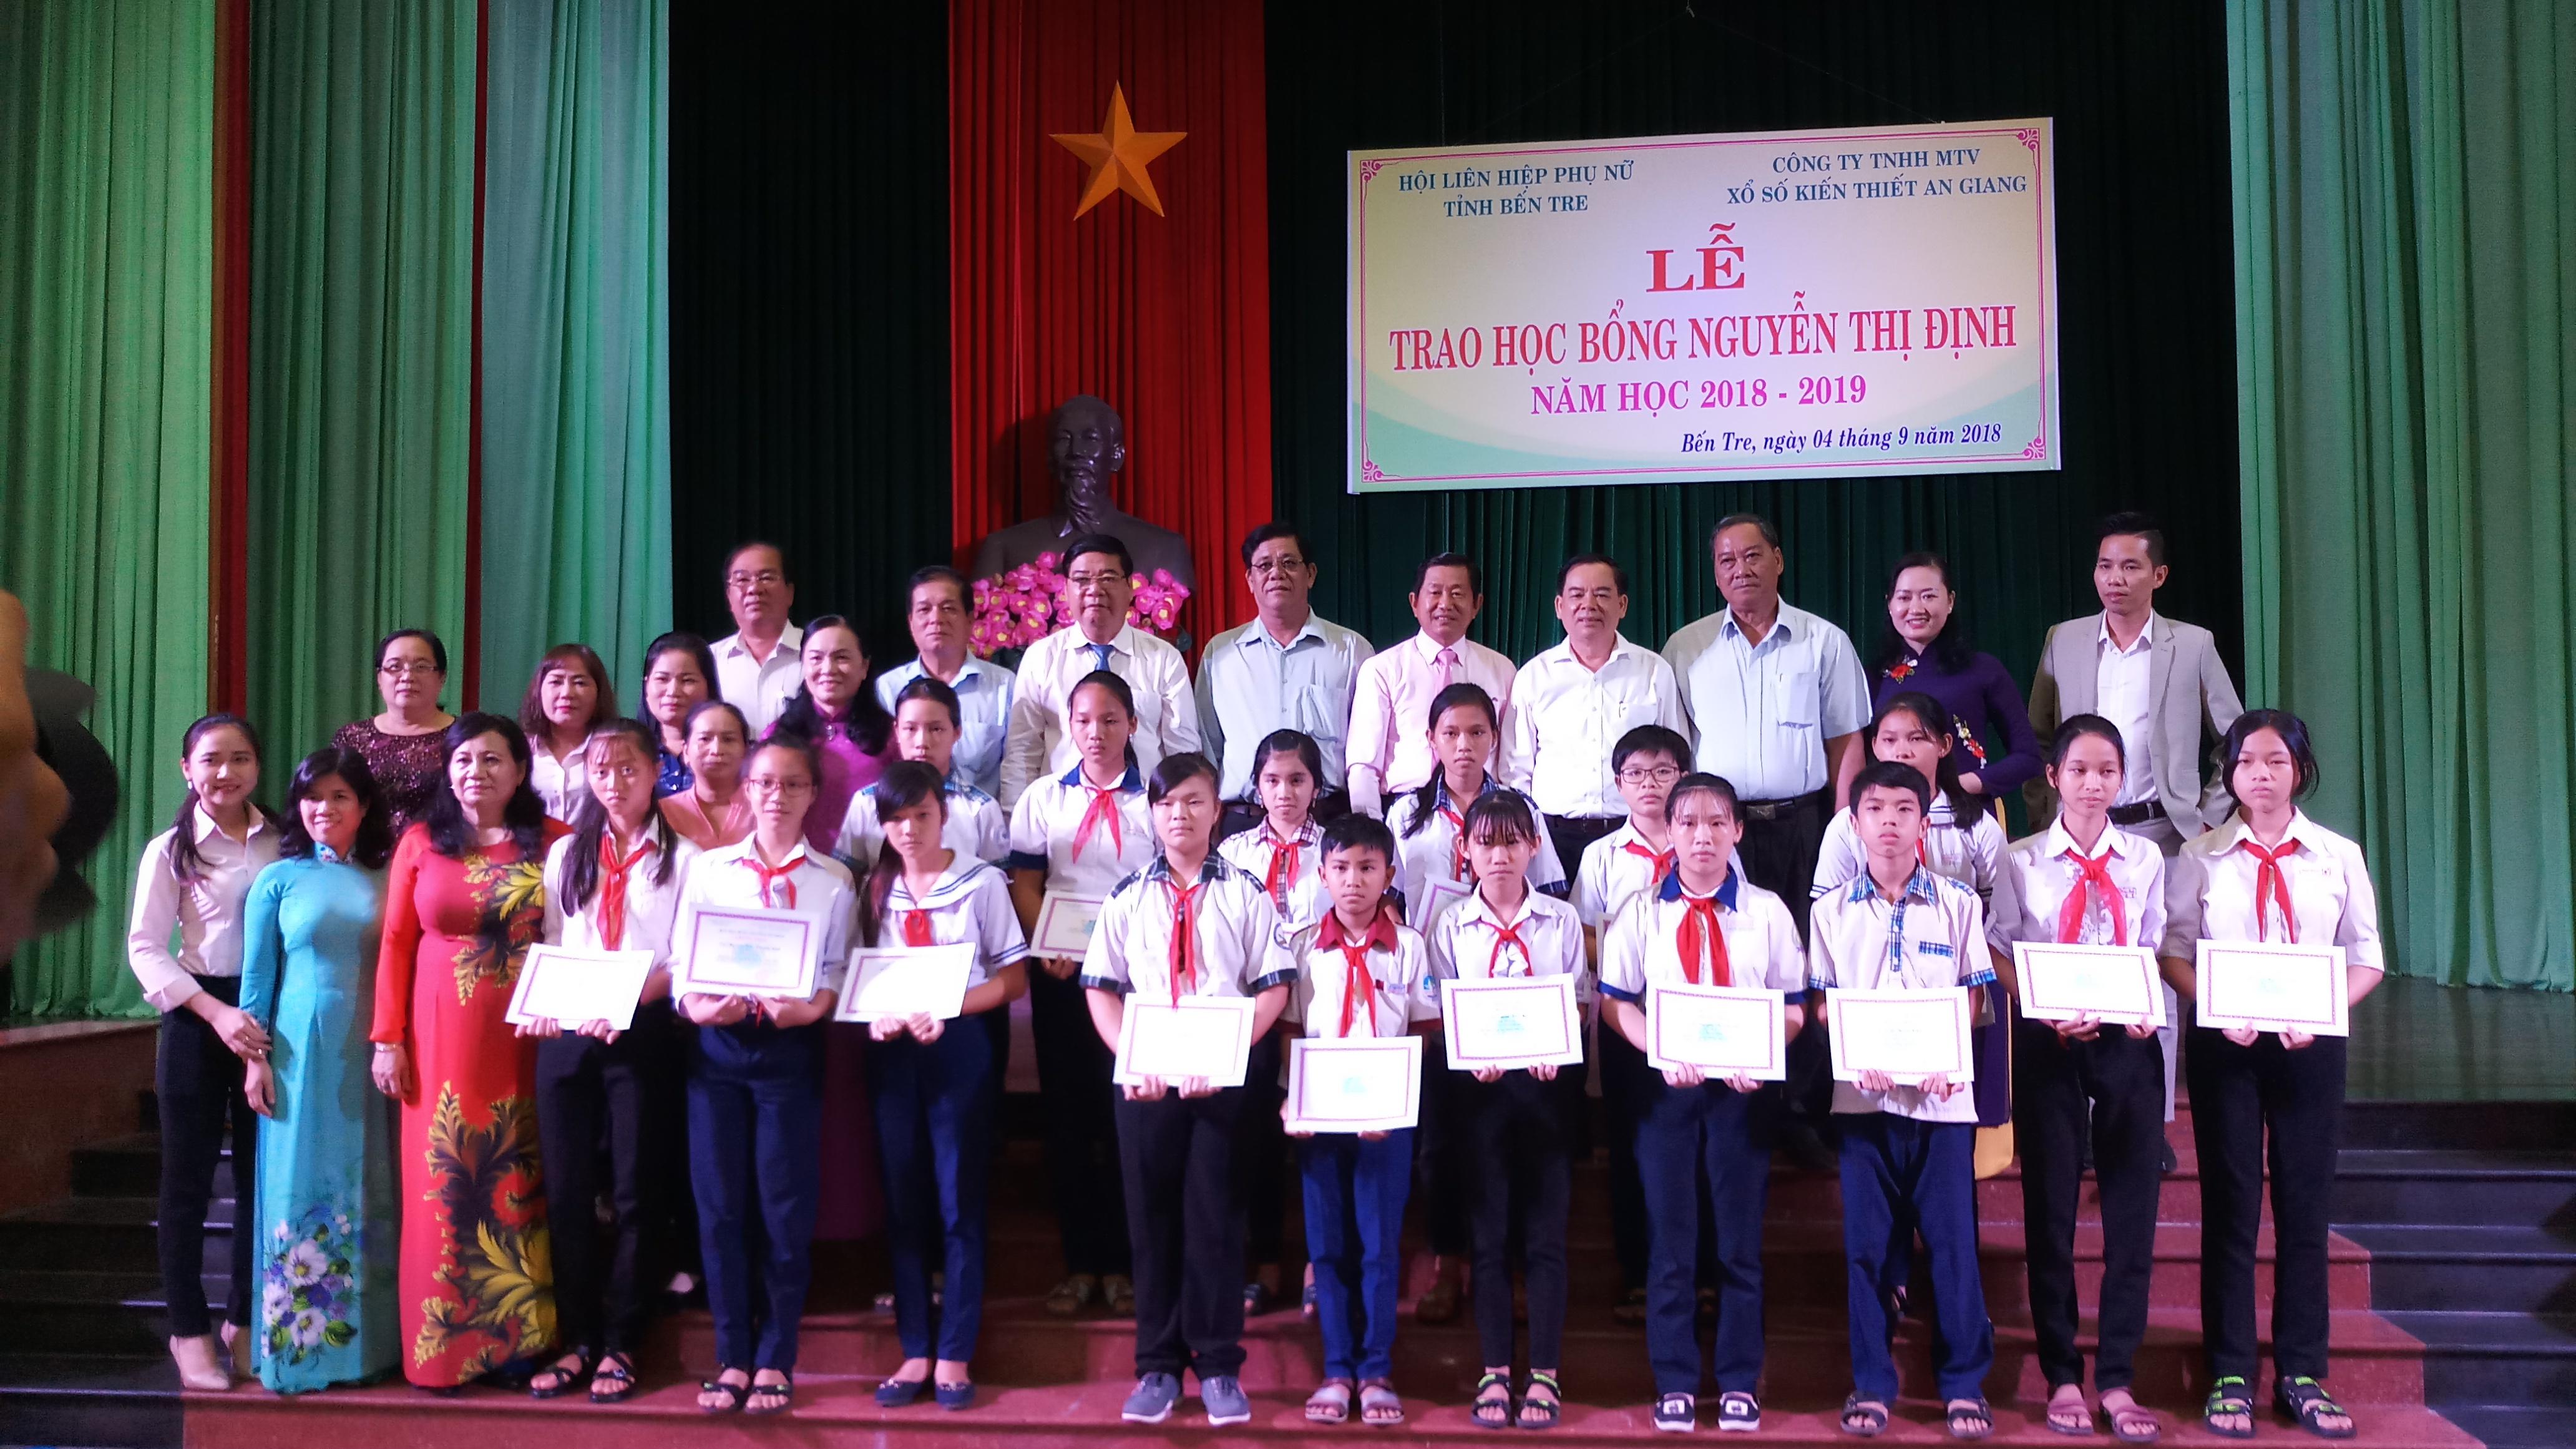 Trao học bổng Nguyễn Thị Định do Công ty Xổ số kiến thiết tỉnh An Giang tài trợ